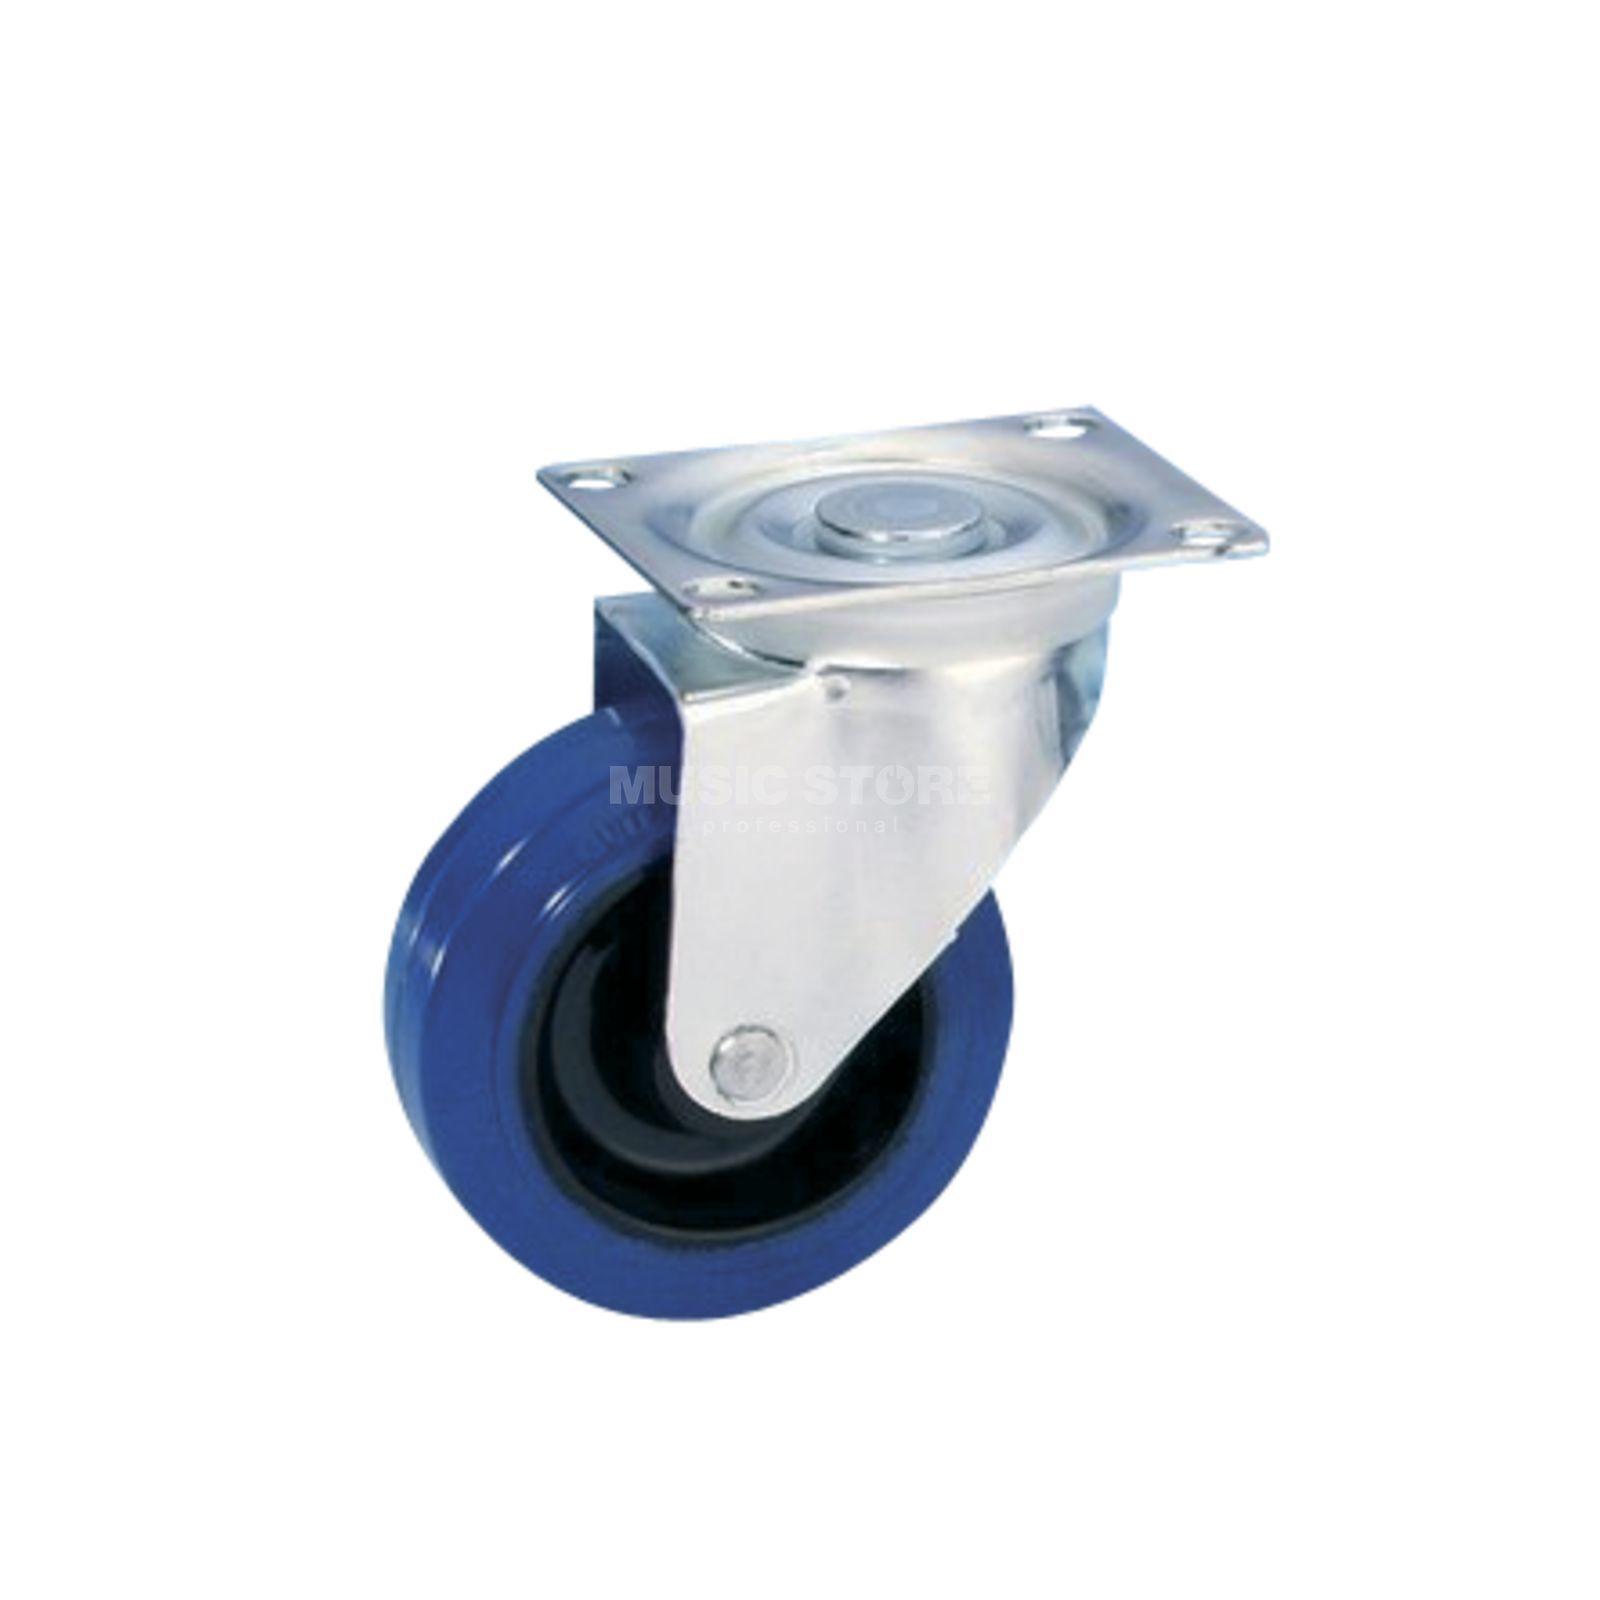 Roulette de protection yzf r125